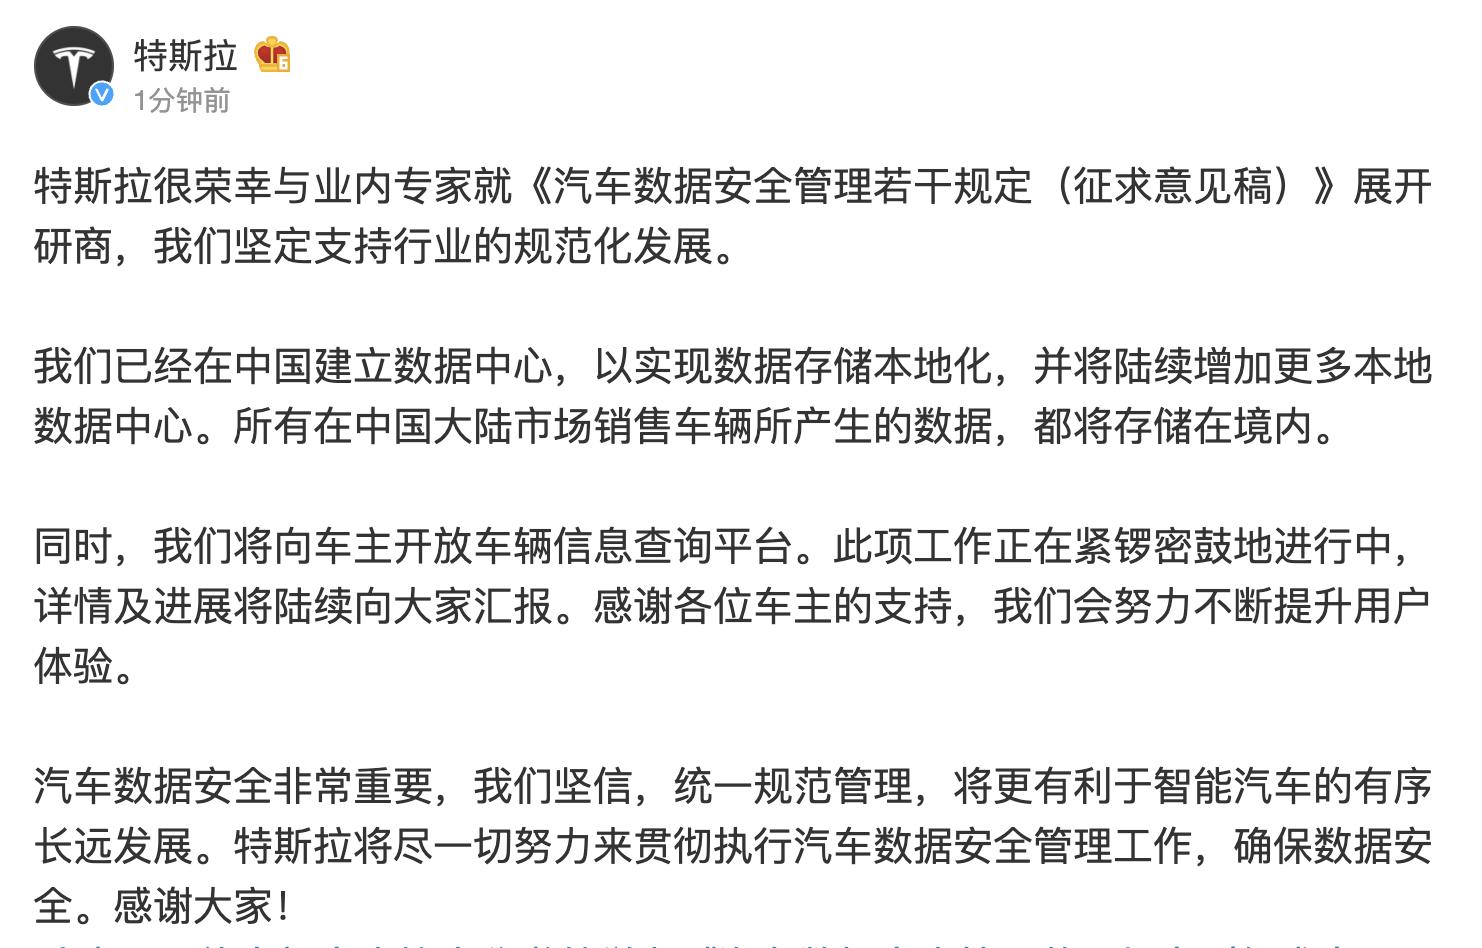 特斯拉:已在中国建立数据中心,实现数据存储本地化